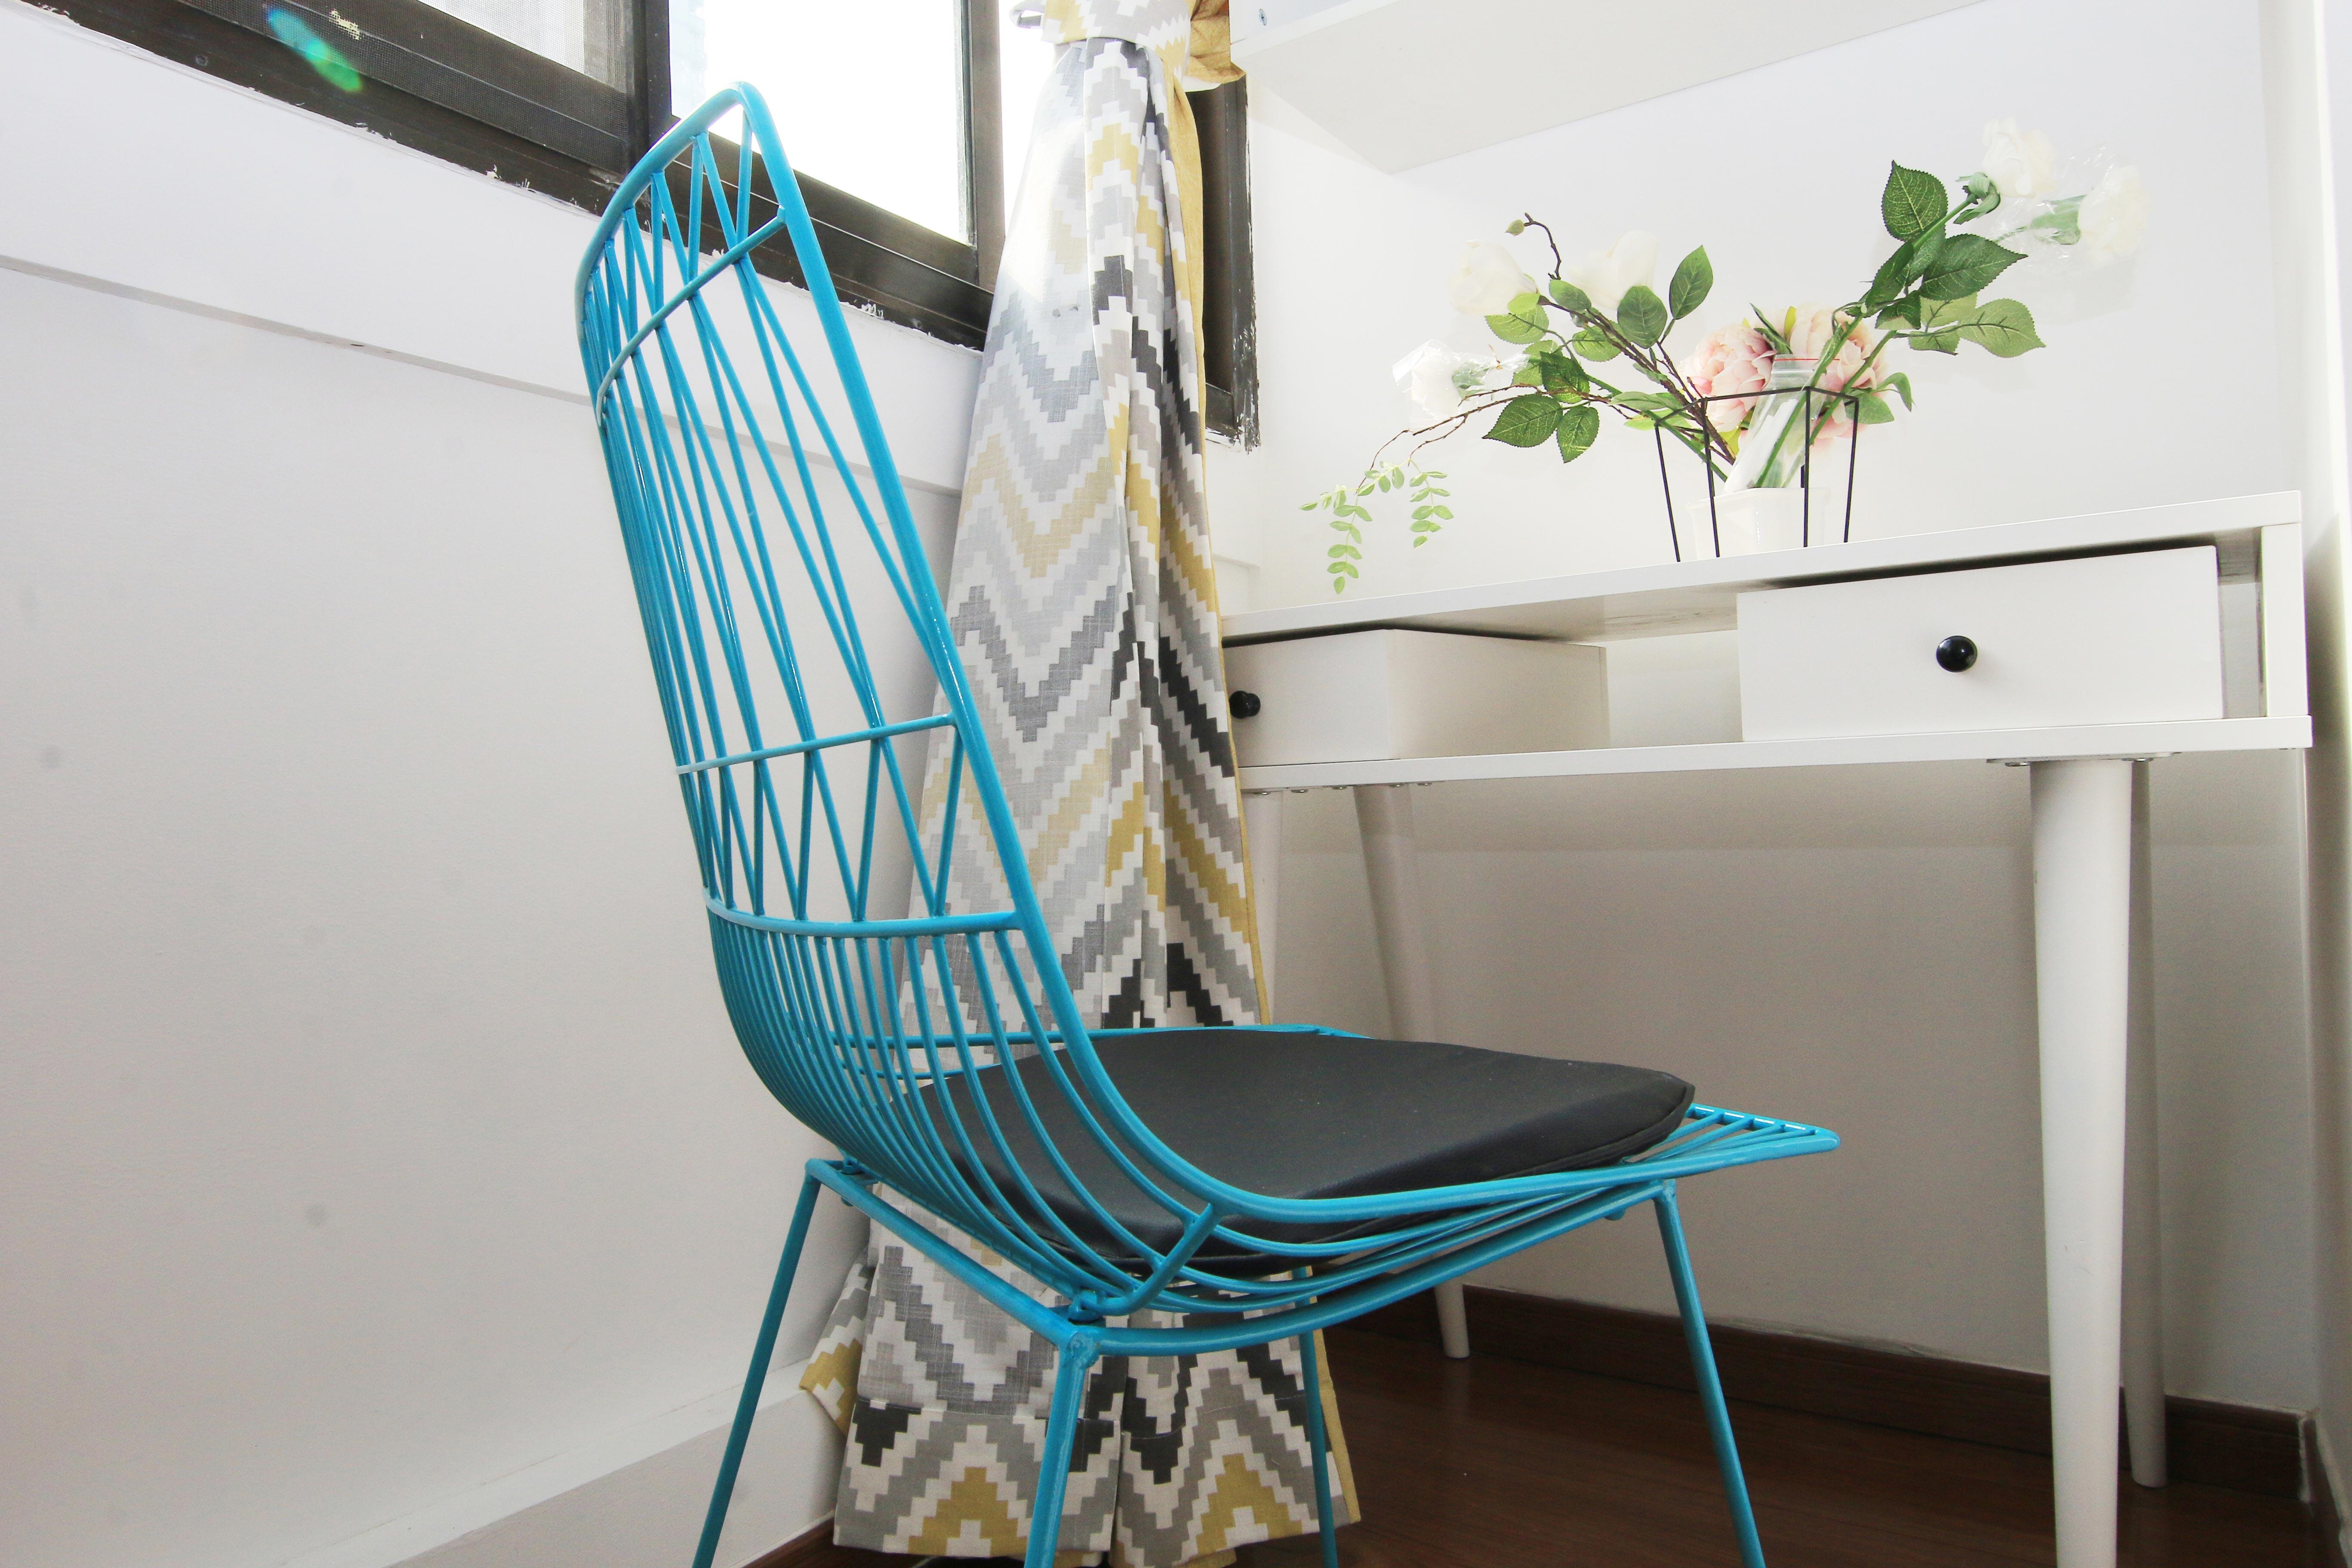 小户型北欧简约风格装修桌椅设计图片